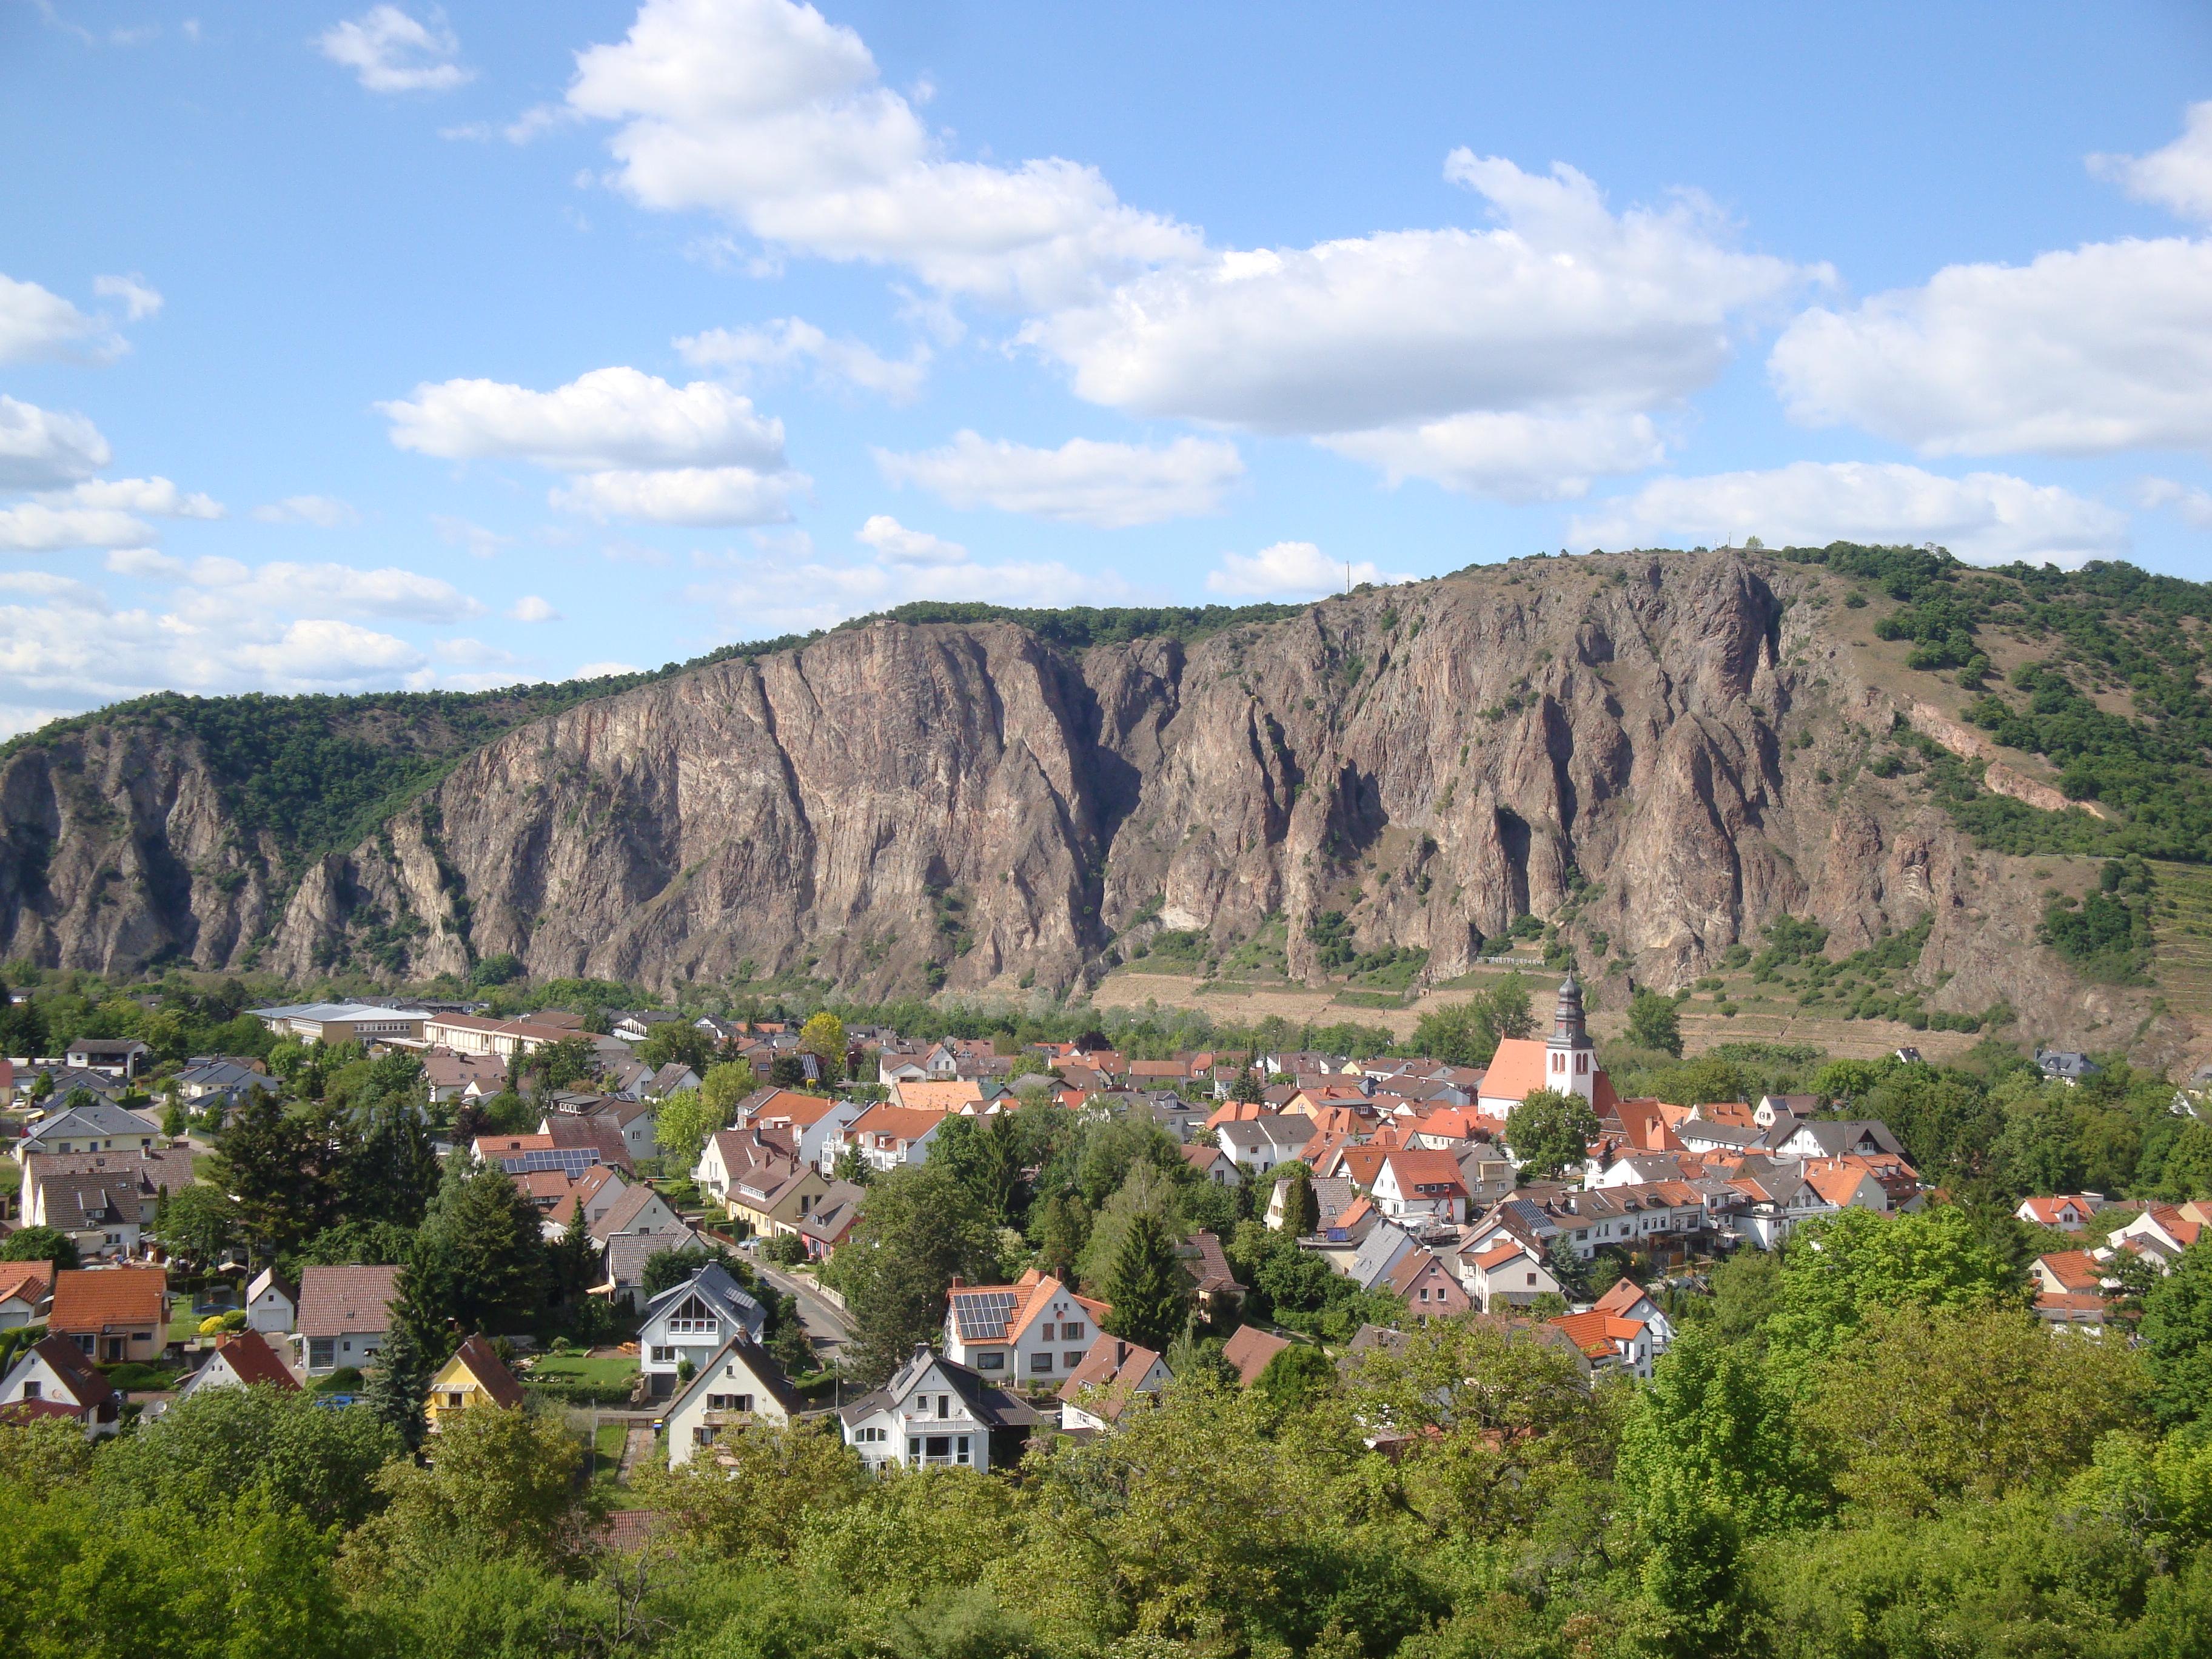 Datei:Rotenfels bei Bad Münster am Stein Ebernburg.JPG – Wikipedia